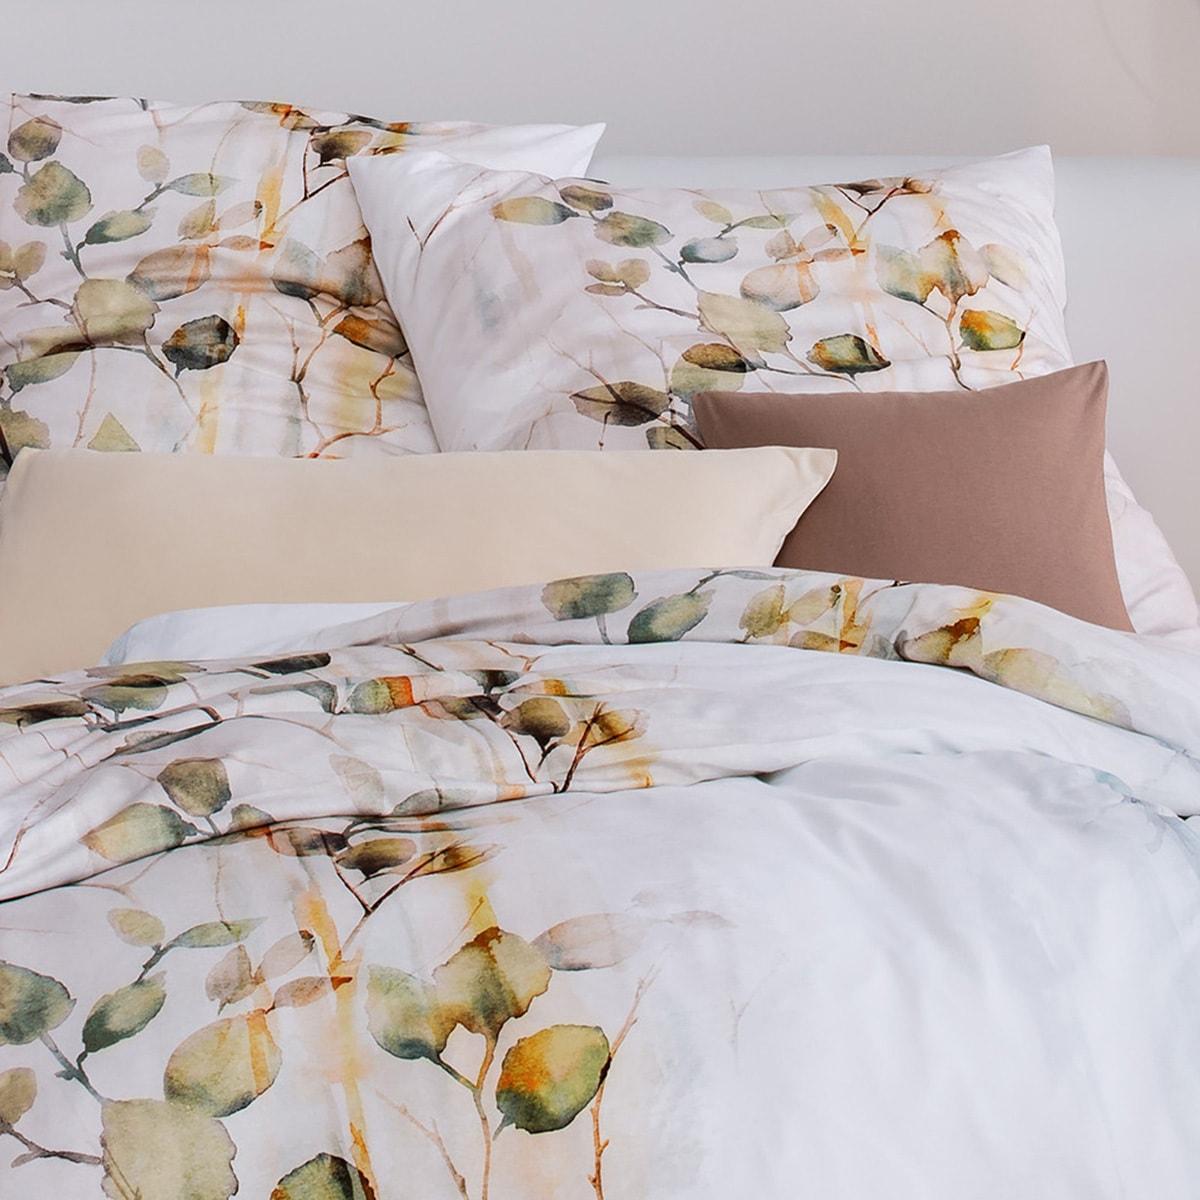 estella mako interlock jersey bettw sche anouk natur g nstig online kaufen bei bettwaren shop. Black Bedroom Furniture Sets. Home Design Ideas